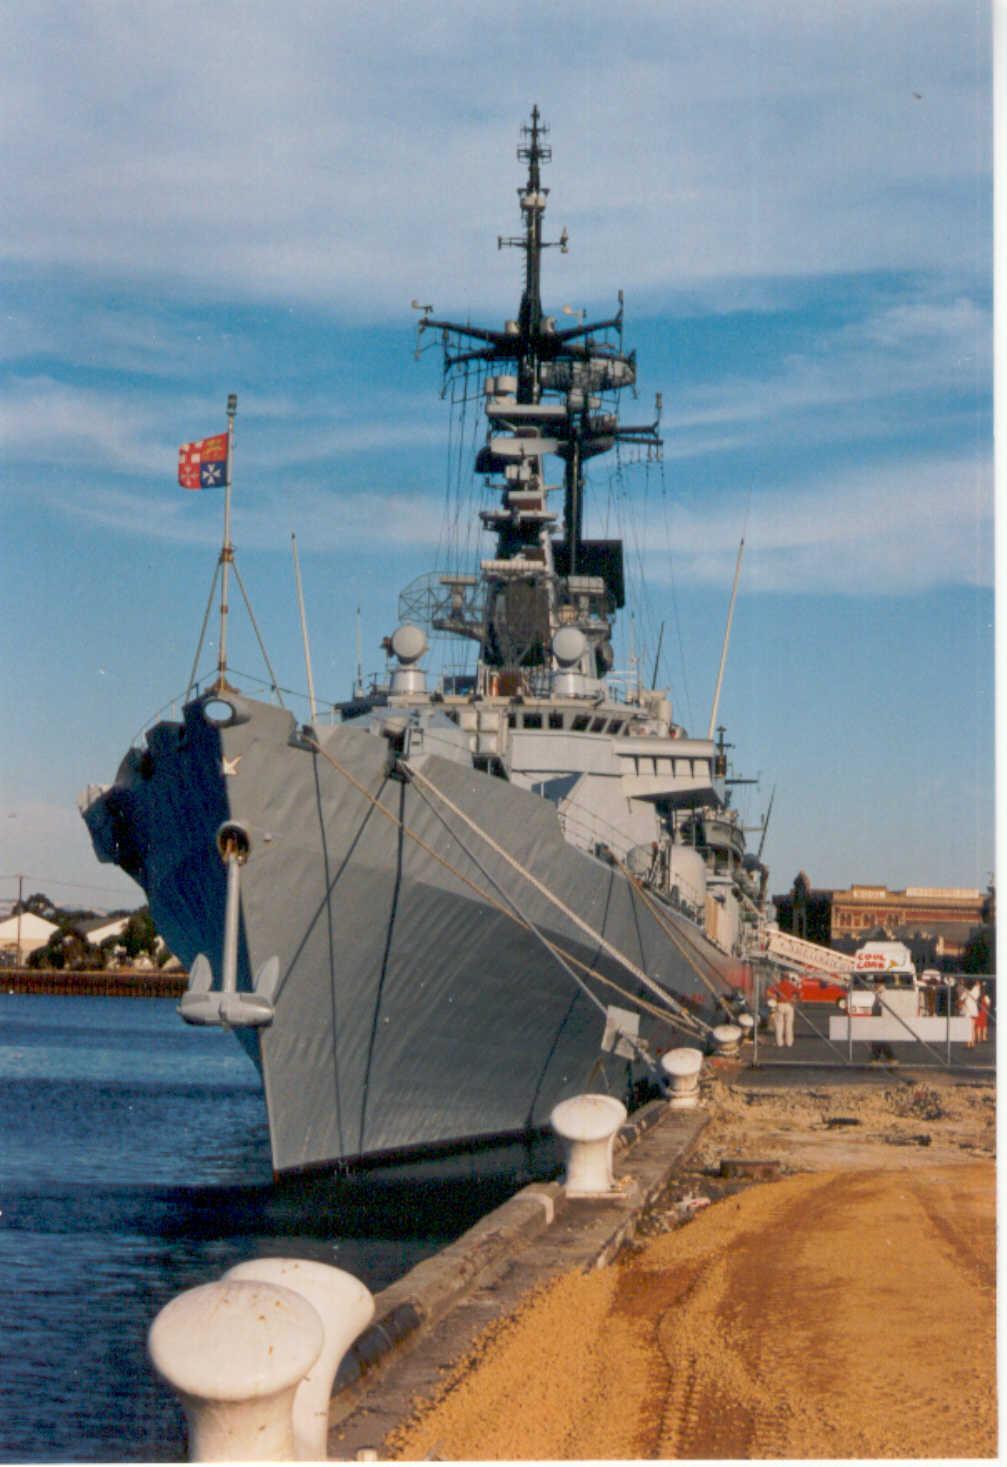 At Port Adelaide berth during 1997 visit.